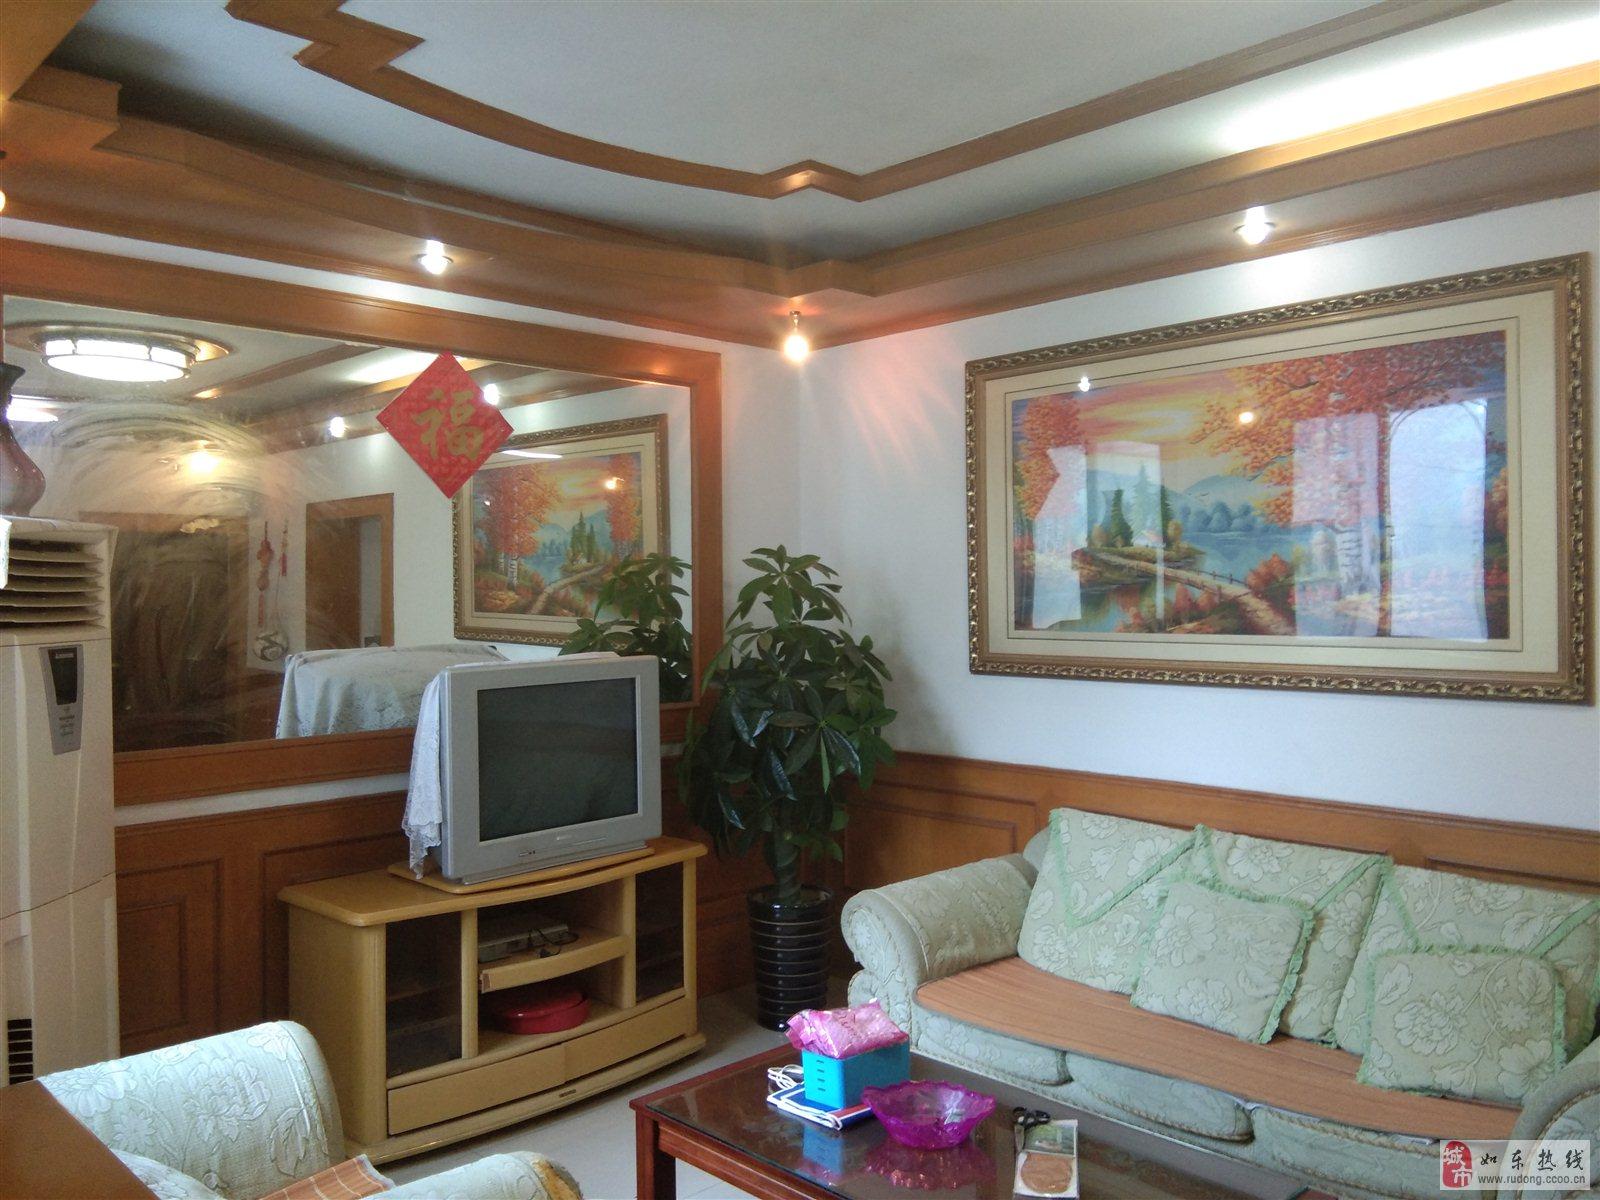 王彭小区精装87平米52.8万元,附房12平米